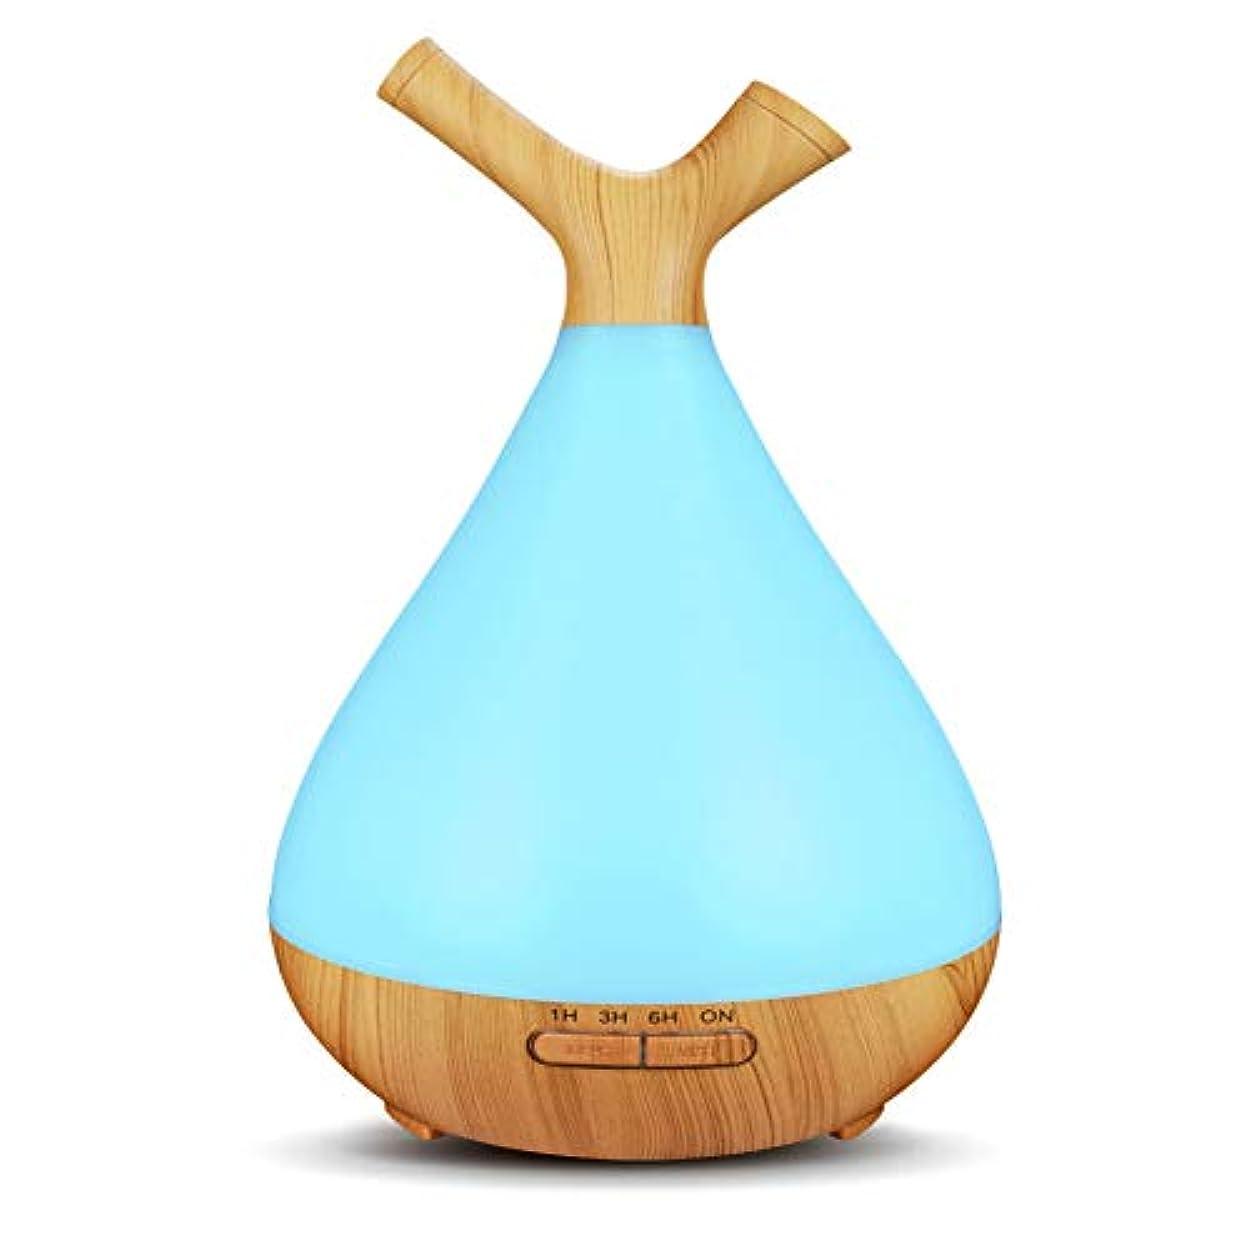 垂直カタログボーダー木目 2 ノズル 7 色 加湿器,涼しい霧 時間 加湿機 調整可能 香り 精油 ディフューザー 空気を浄化 オフィス ベッド- 400ml